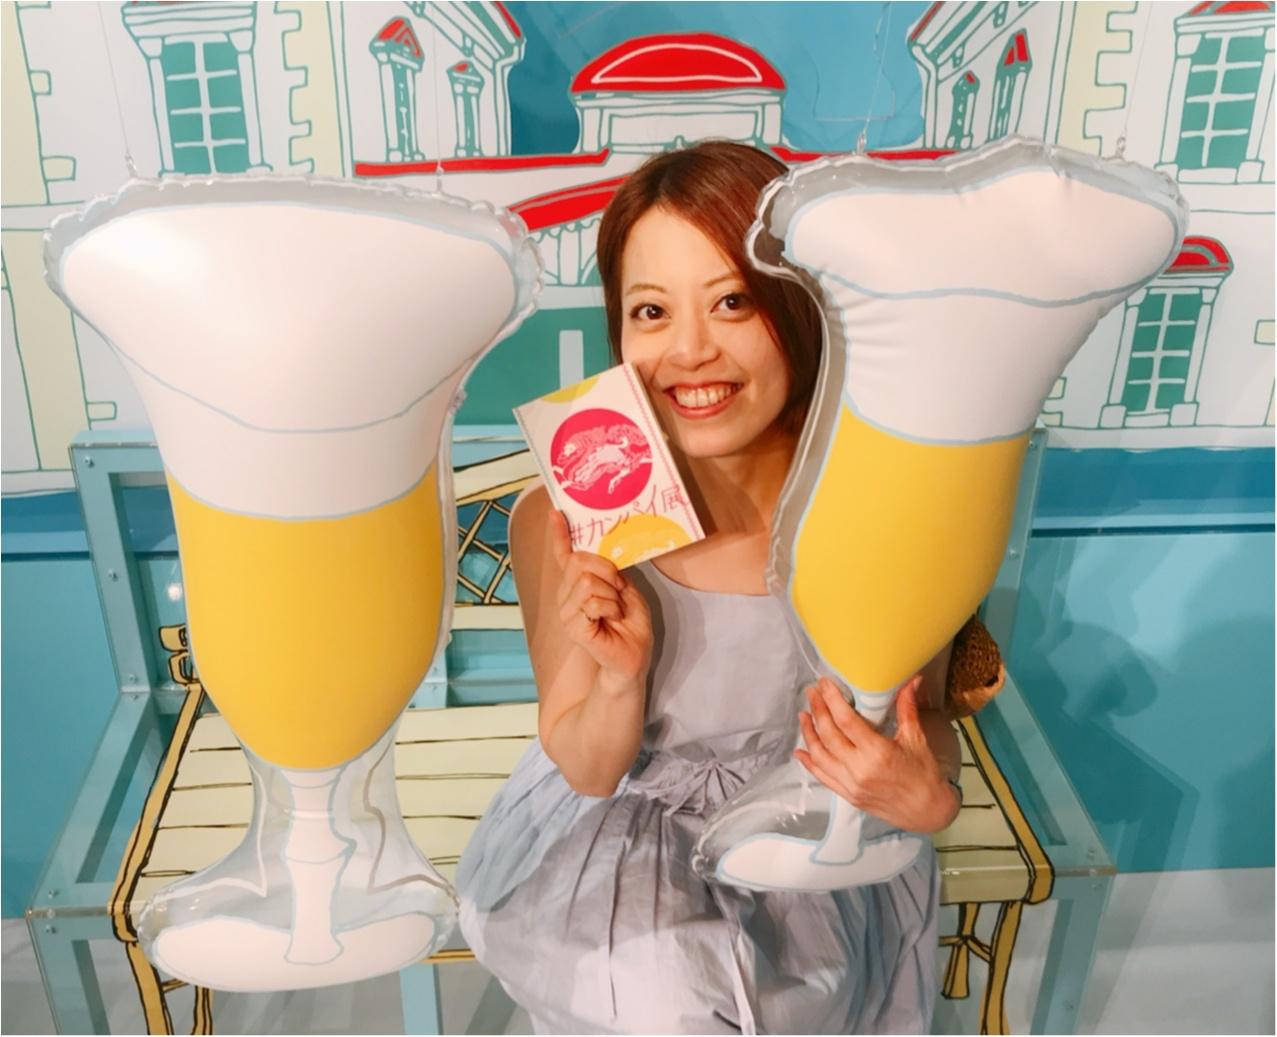 【#カンパイ展】ビールが飲めなくても楽しめるっ♡フォトジェニックな体験型エキシビジョン!_2